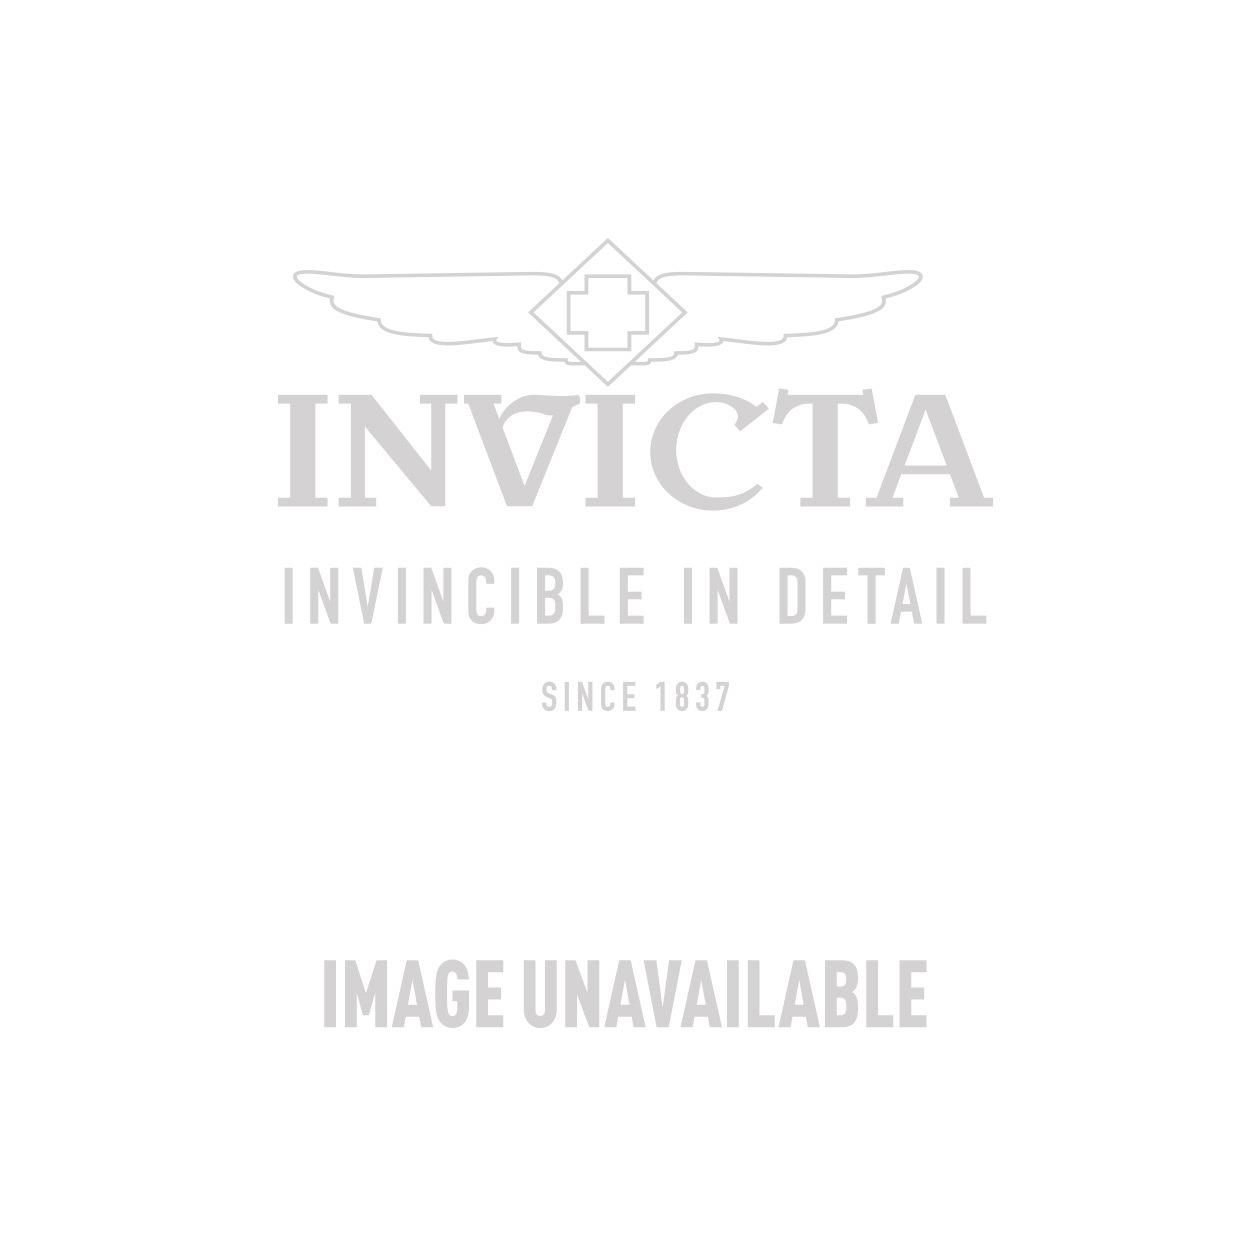 Invicta Model 27413